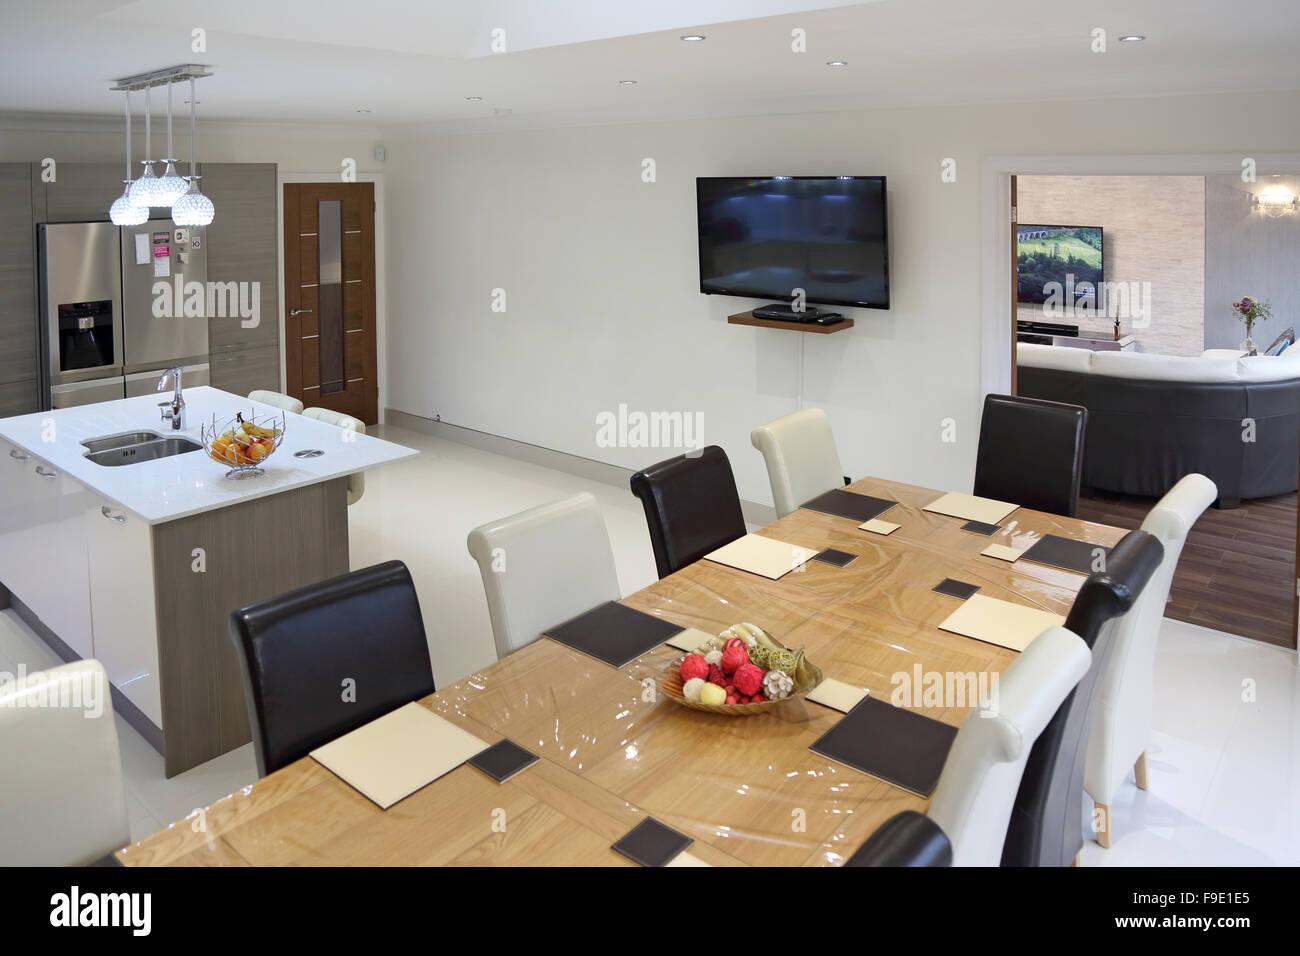 Küche-Esszimmer in einem frisch renovierten Haus mit Wohnzimmer ...